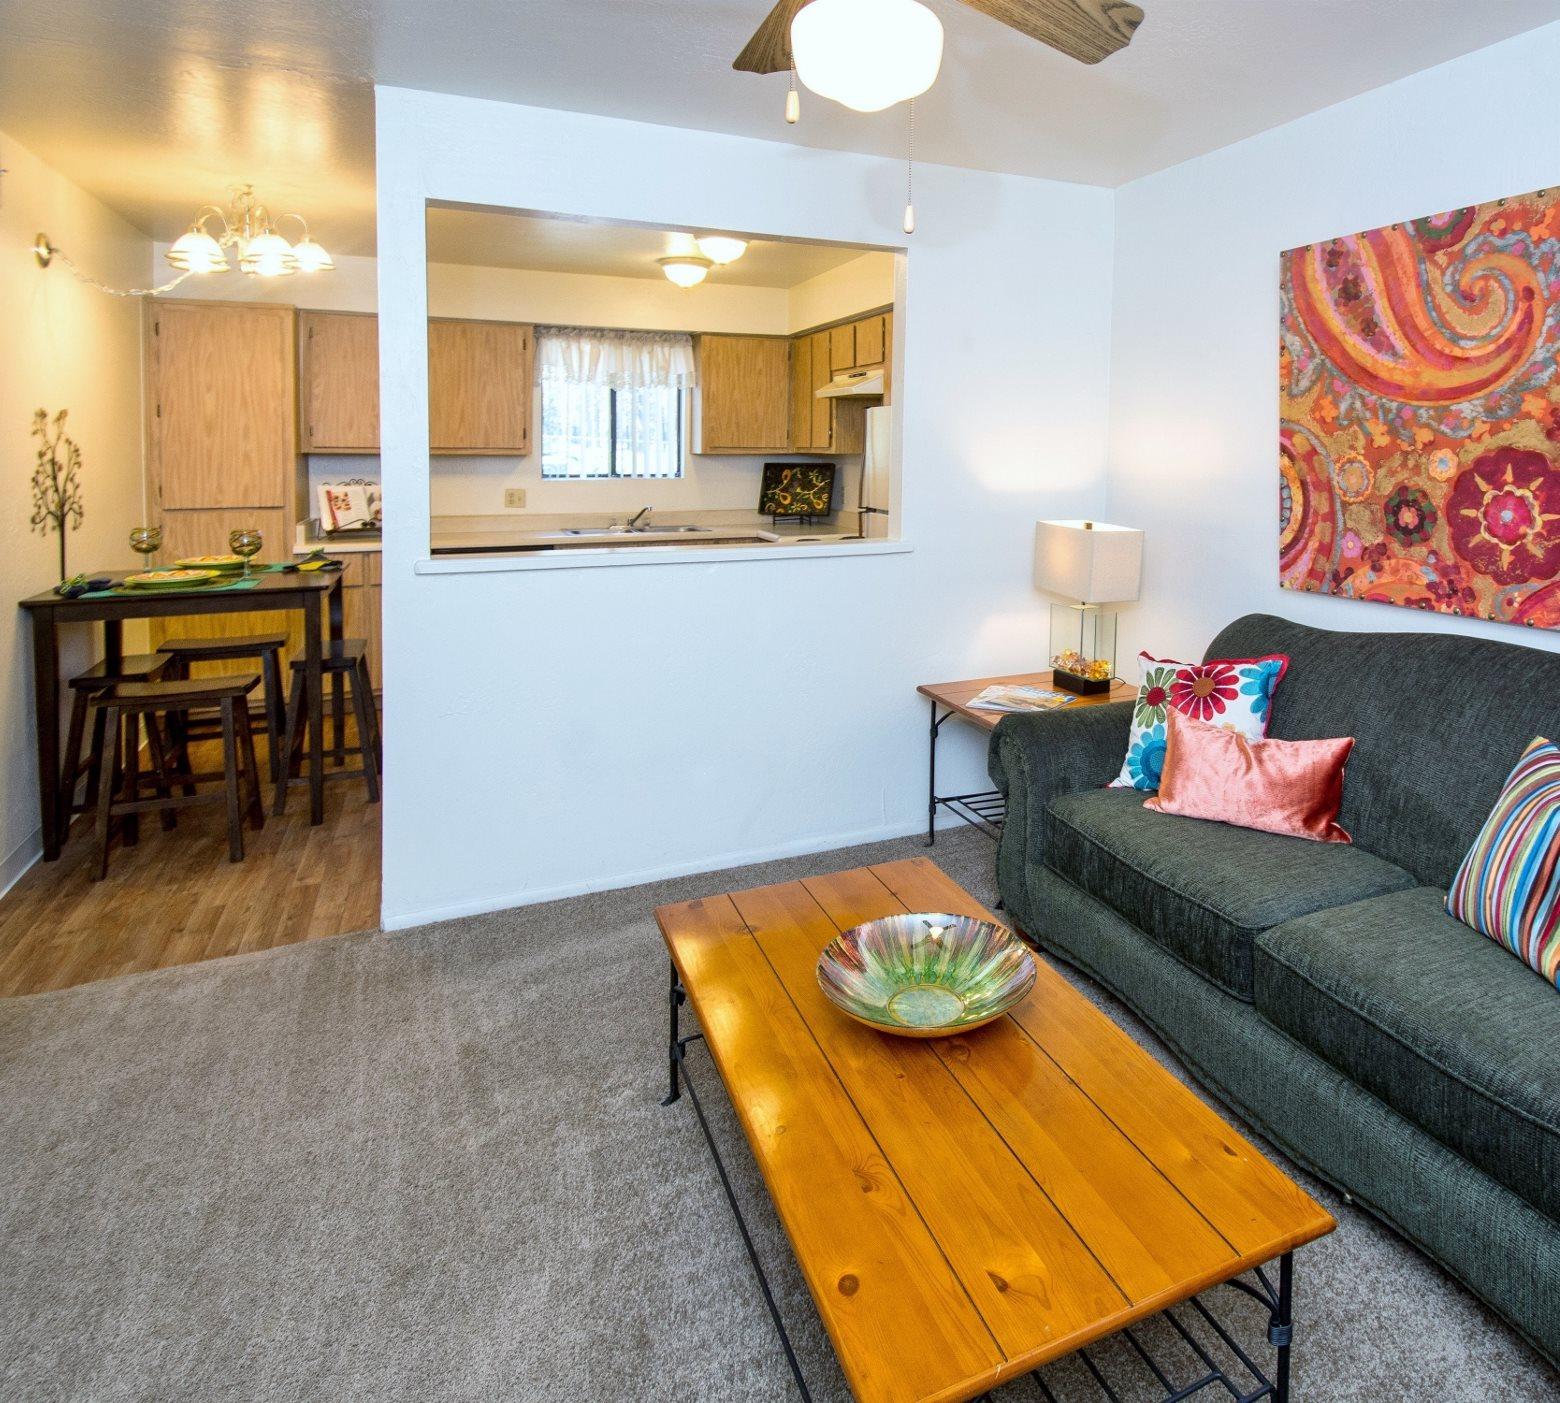 Flagstaff Apartments: Flagstaff Apartments Near Nau Campus